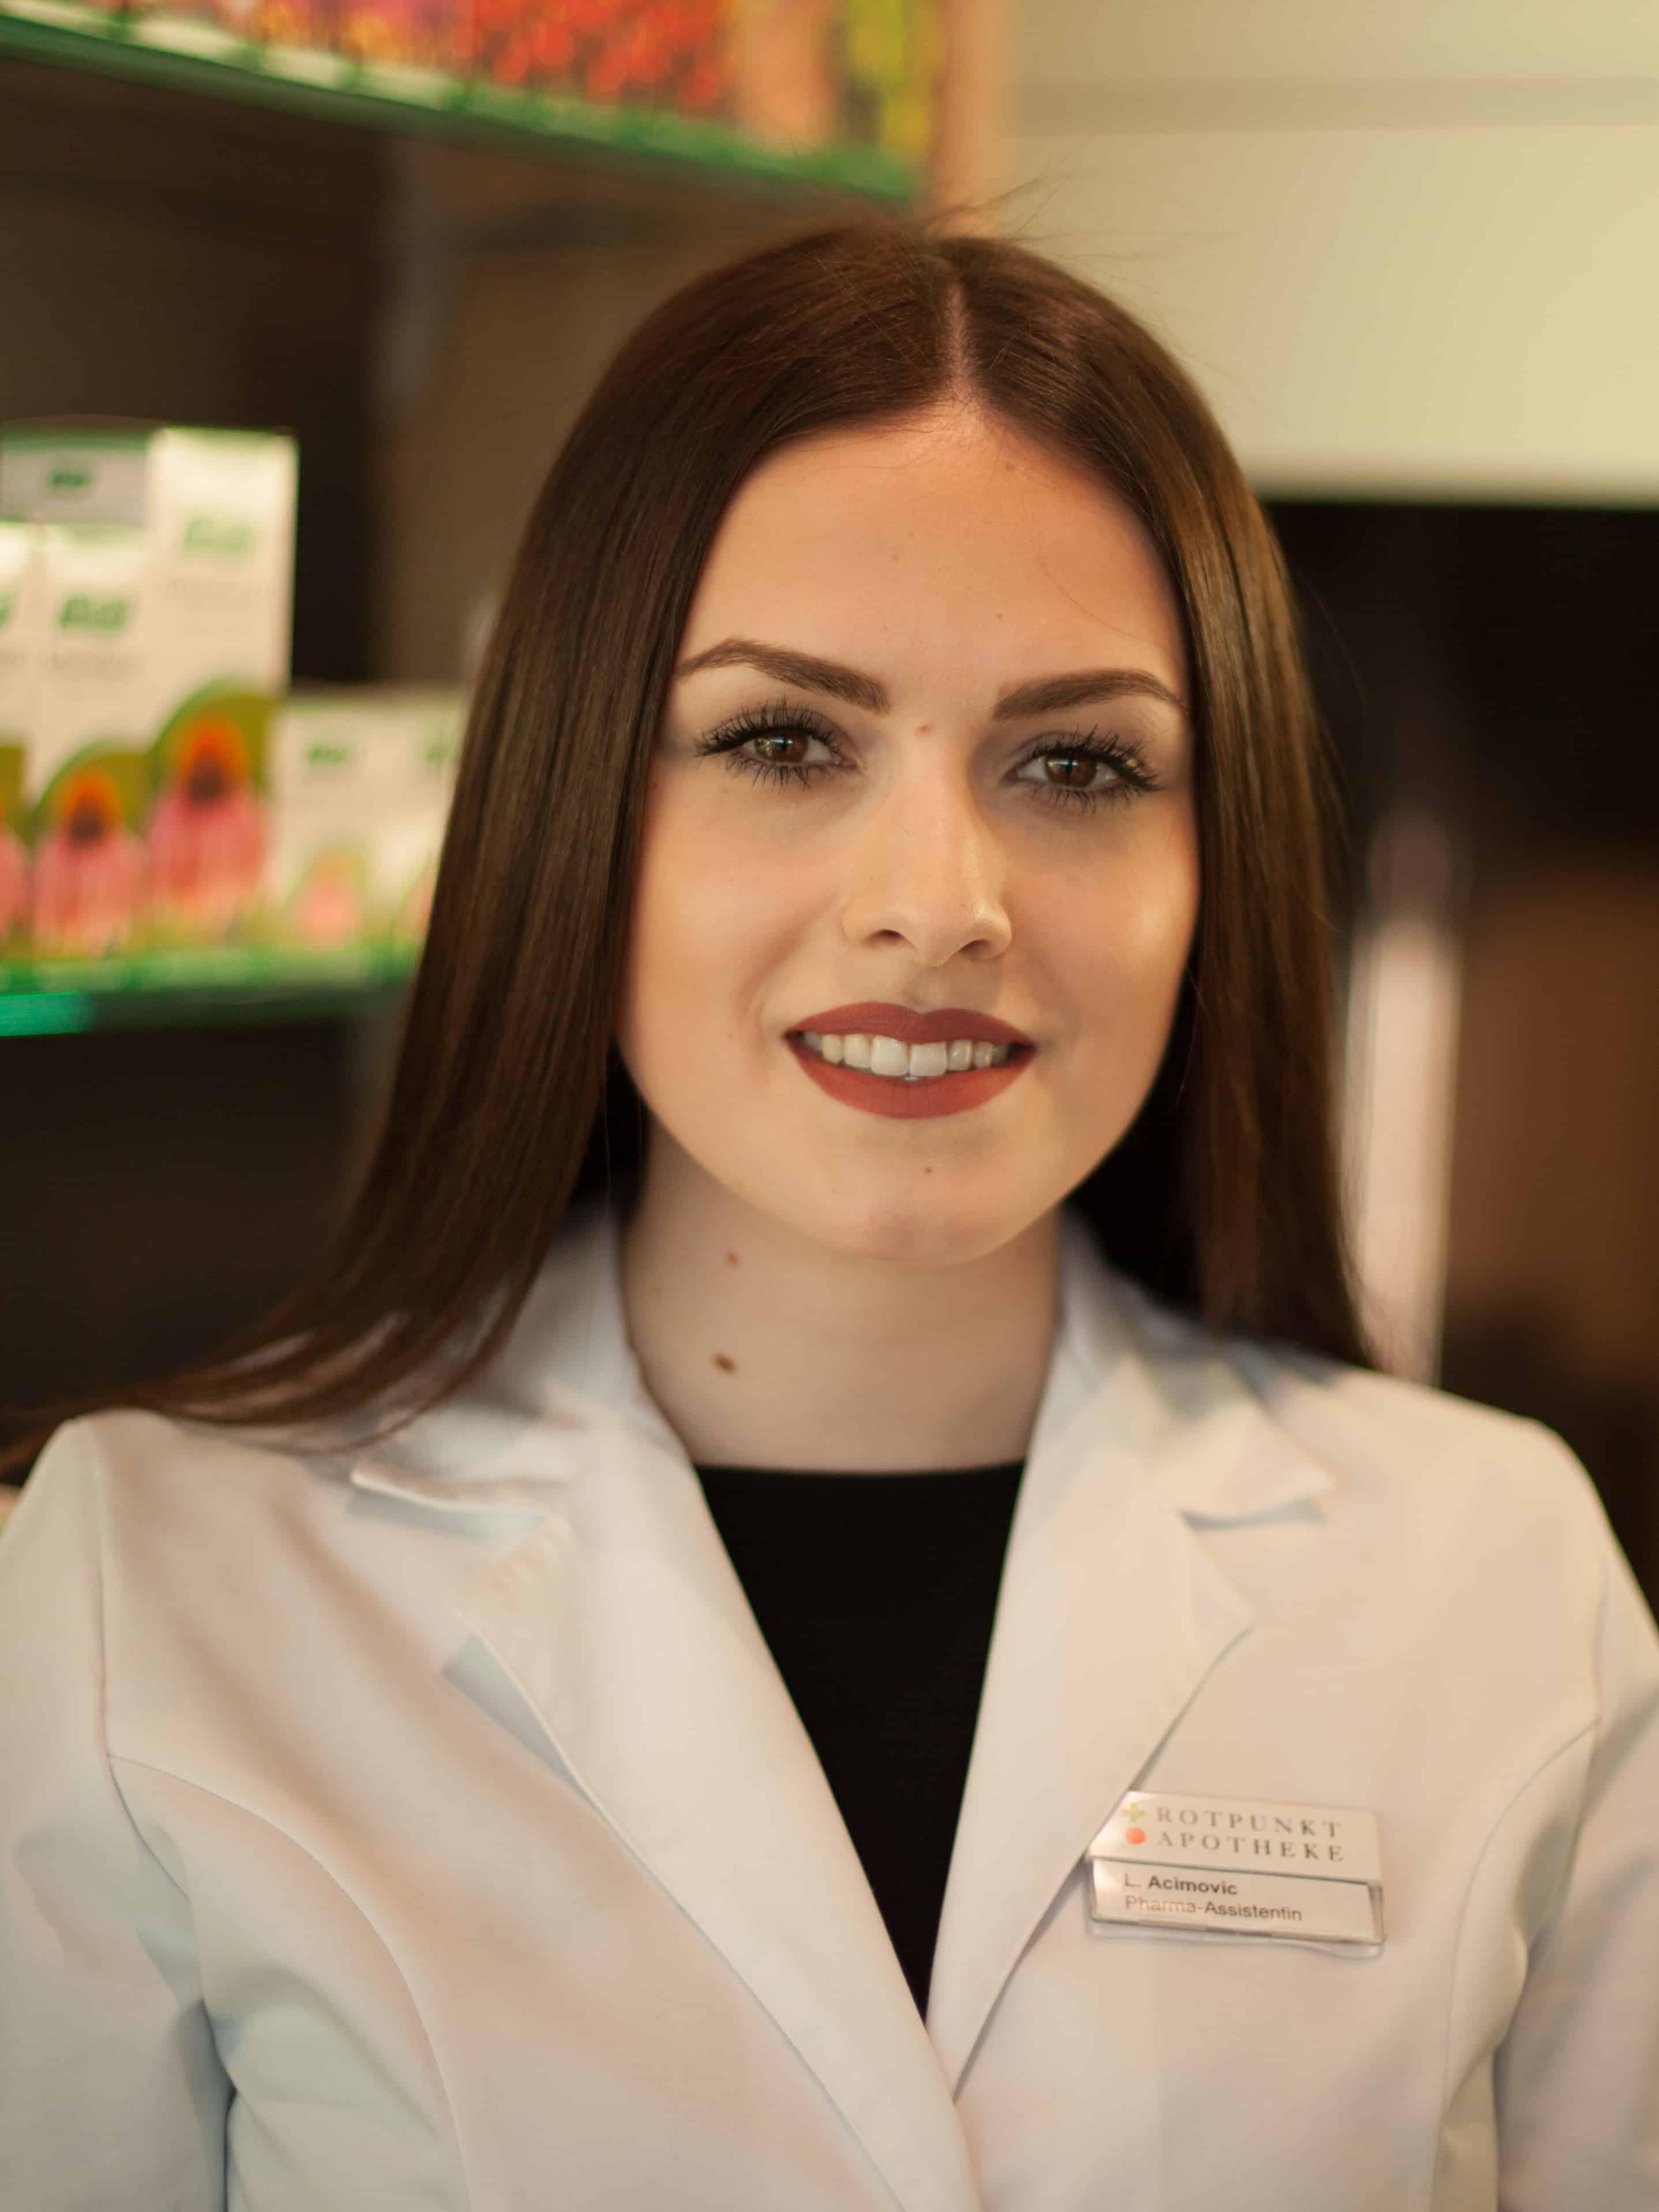 Lidija Acimovic - Apotheke Dr. Kunz Schlieren